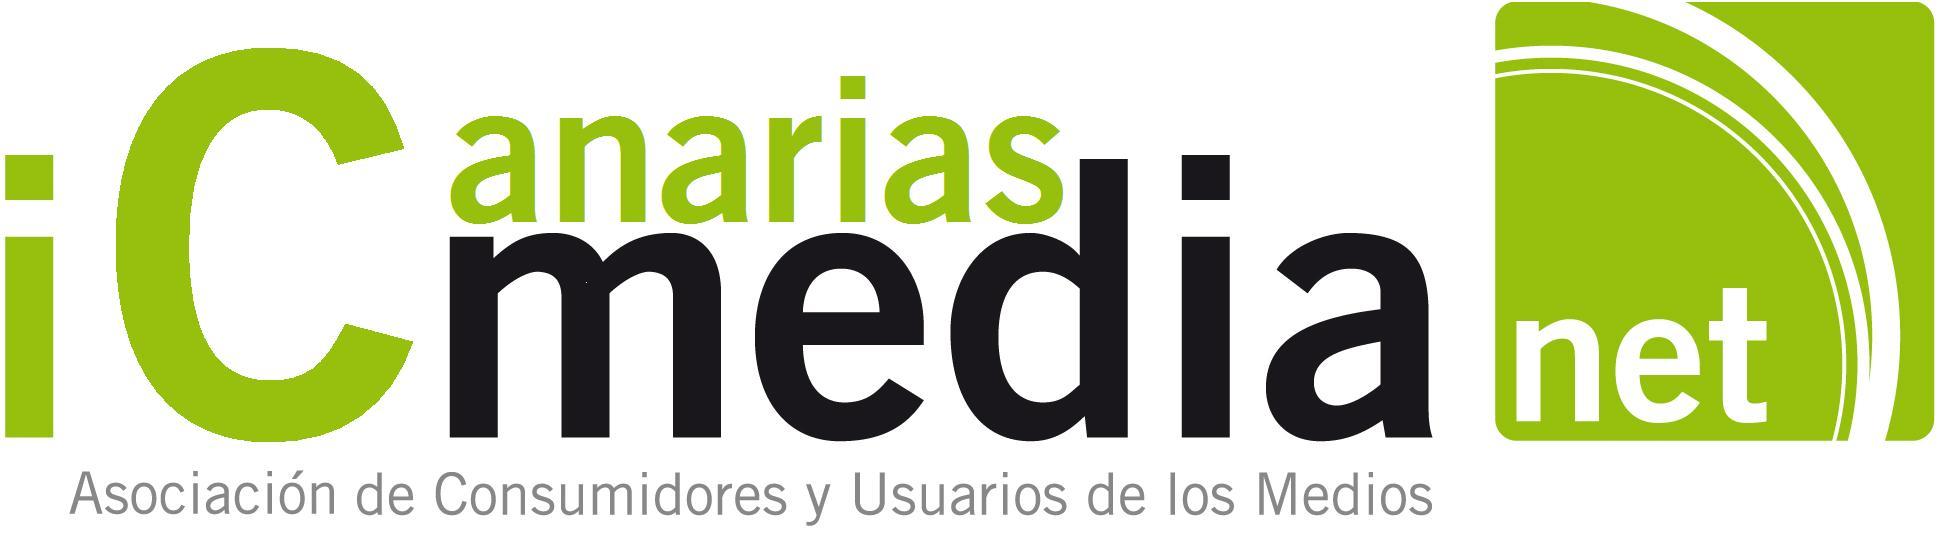 canarias logo